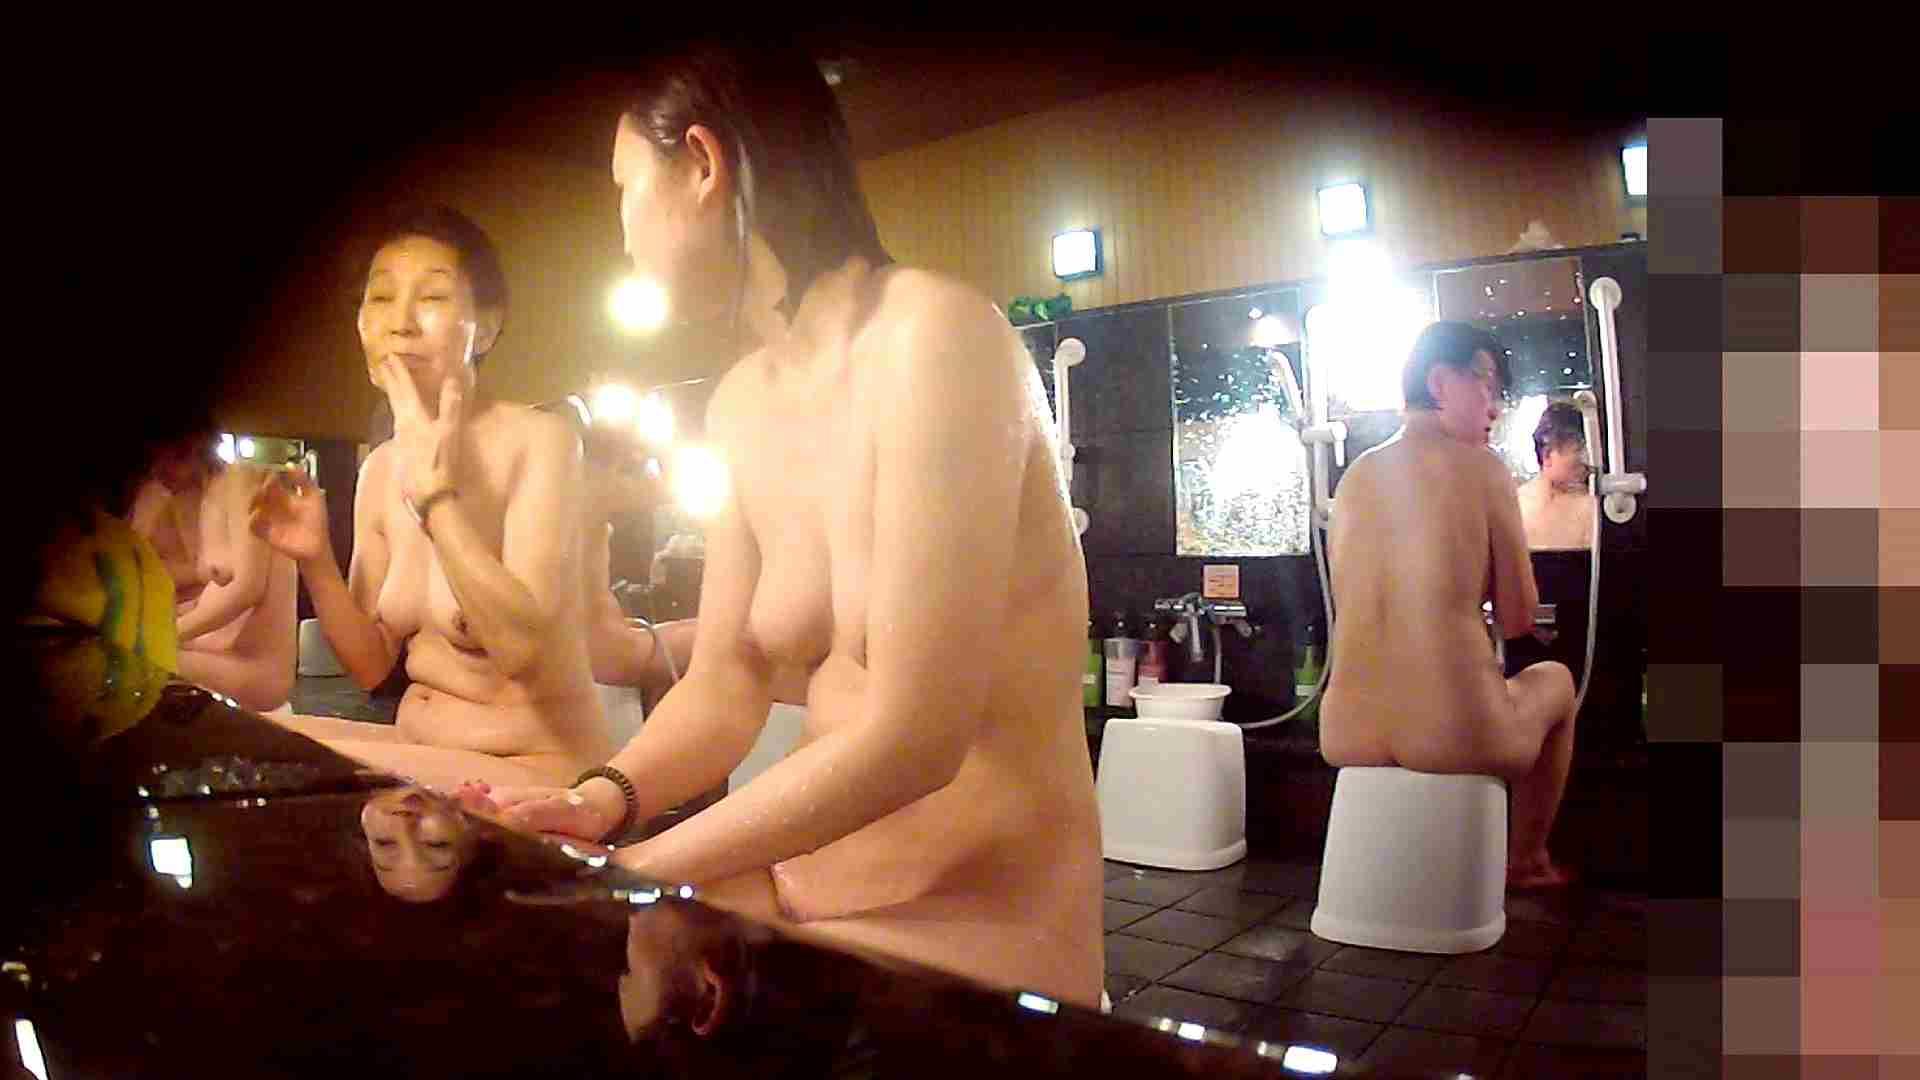 洗い場!陰毛が綺麗に整ってる微美人お嬢様 潜入  64pic 26